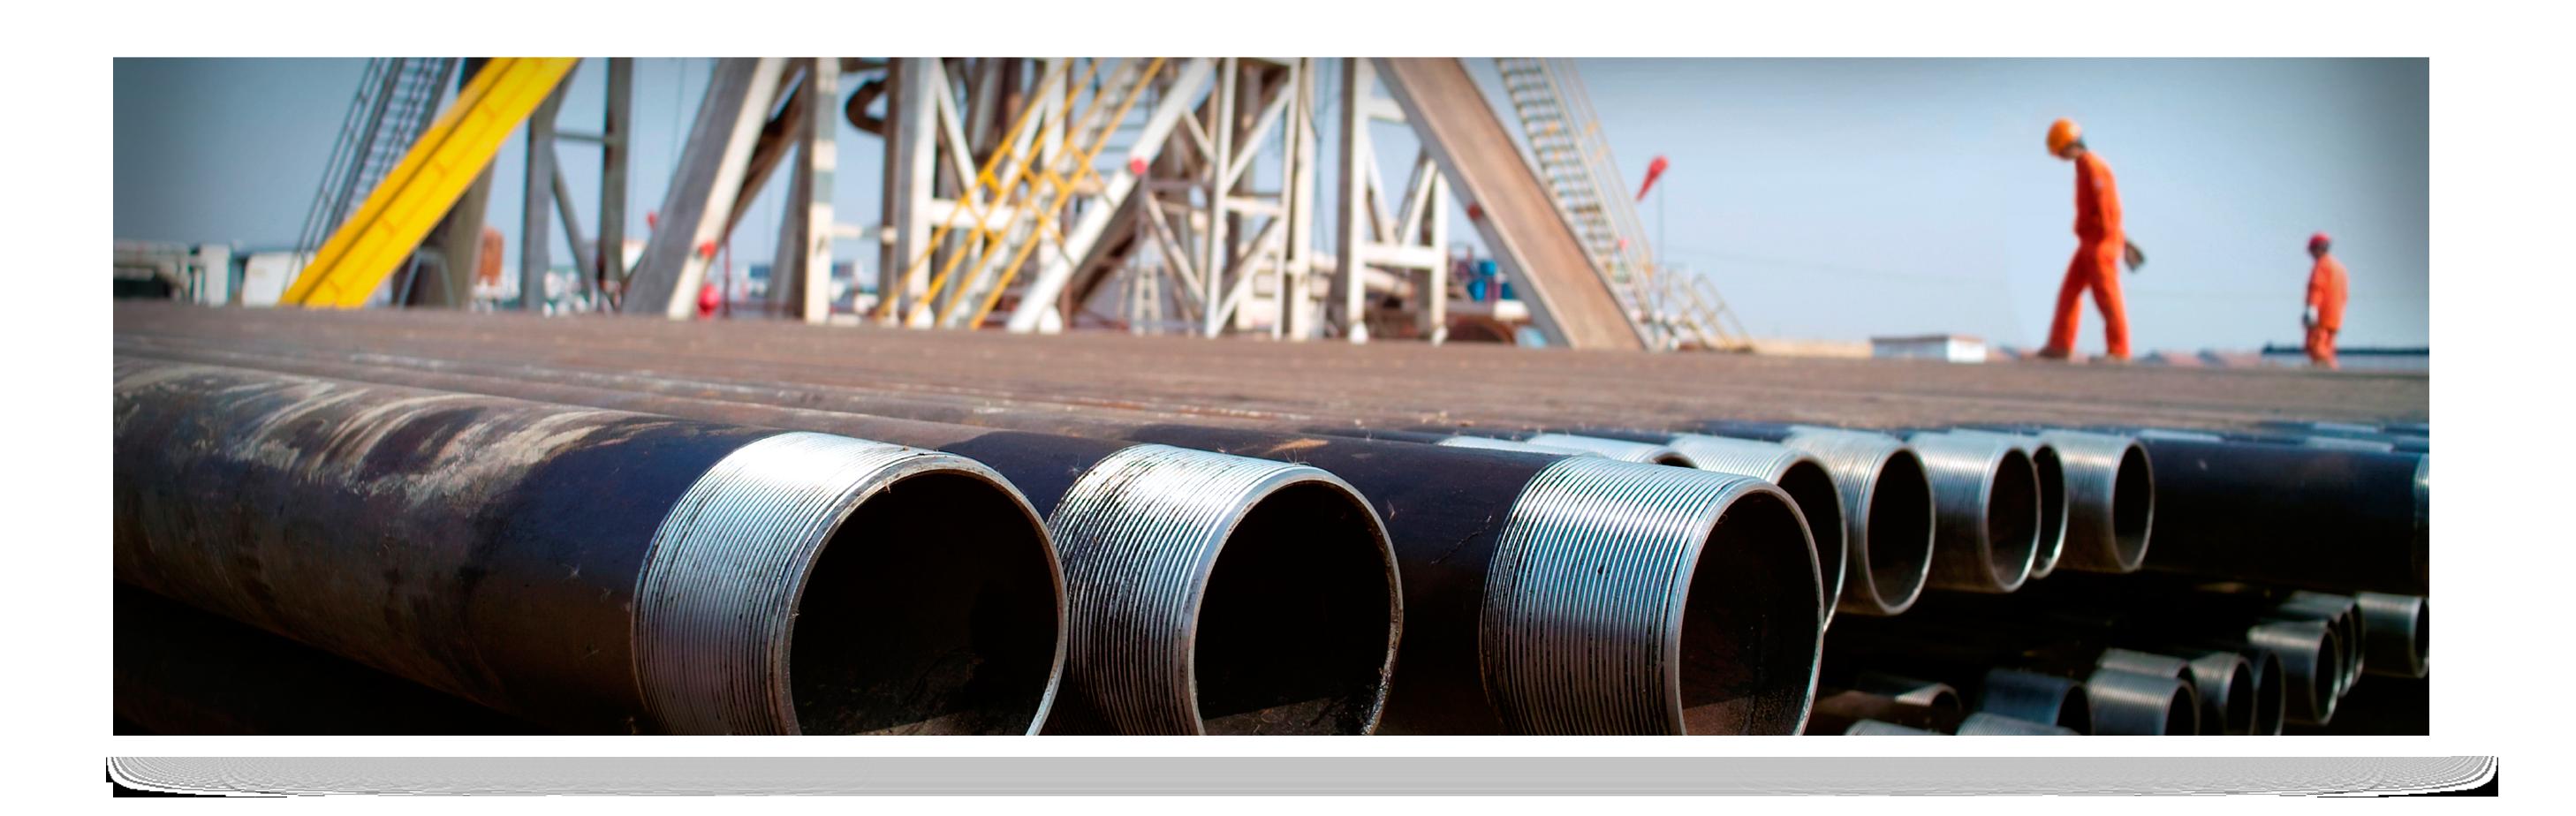 Resultado de imagen de Ingenieros petroleros